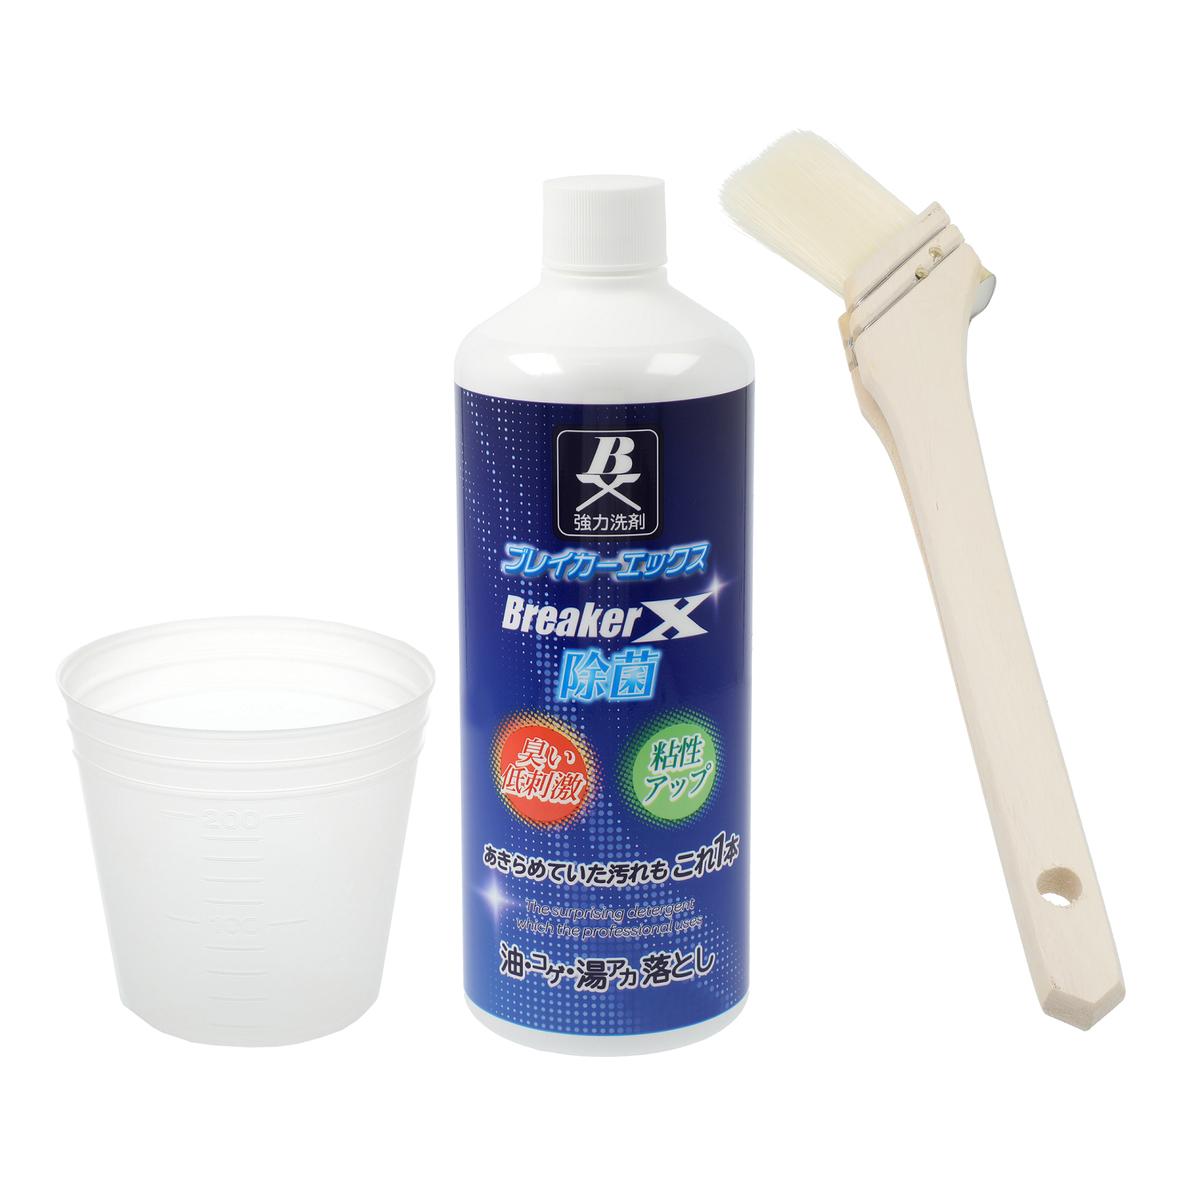 強力洗剤Newブレイカーエックス450g